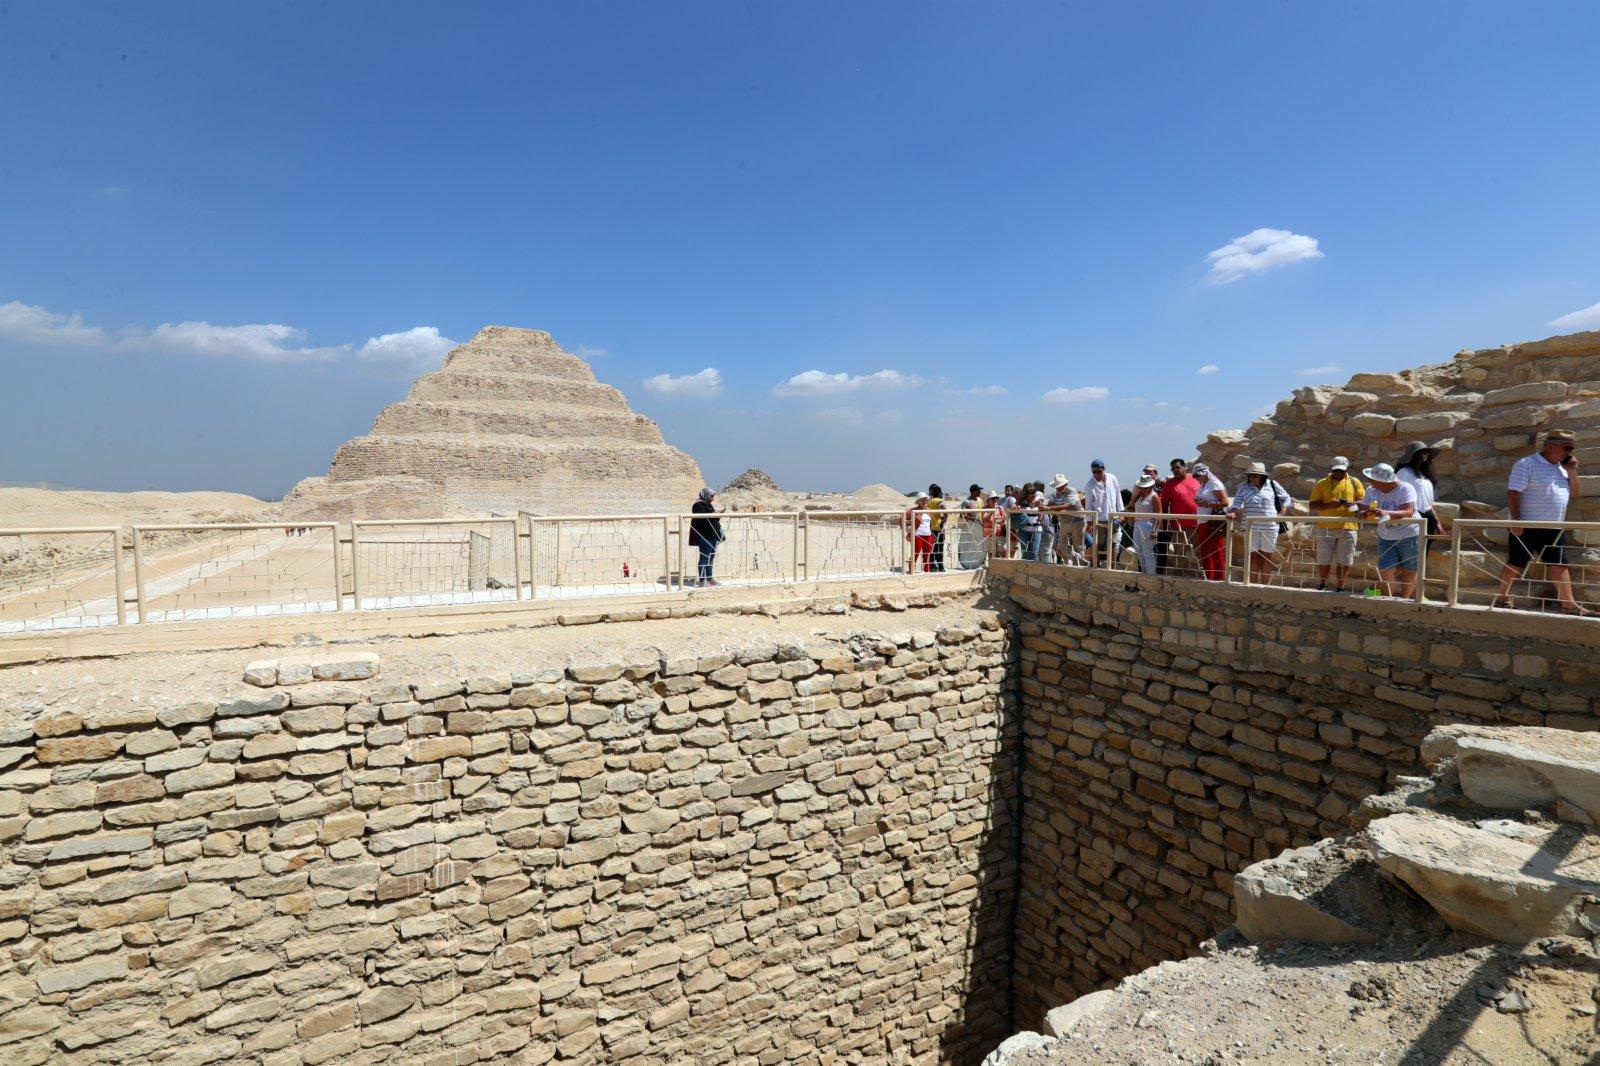 遊客在埃及首都開羅以南的塞加拉地區一座左塞爾時期古墓的地上建築遊覽。